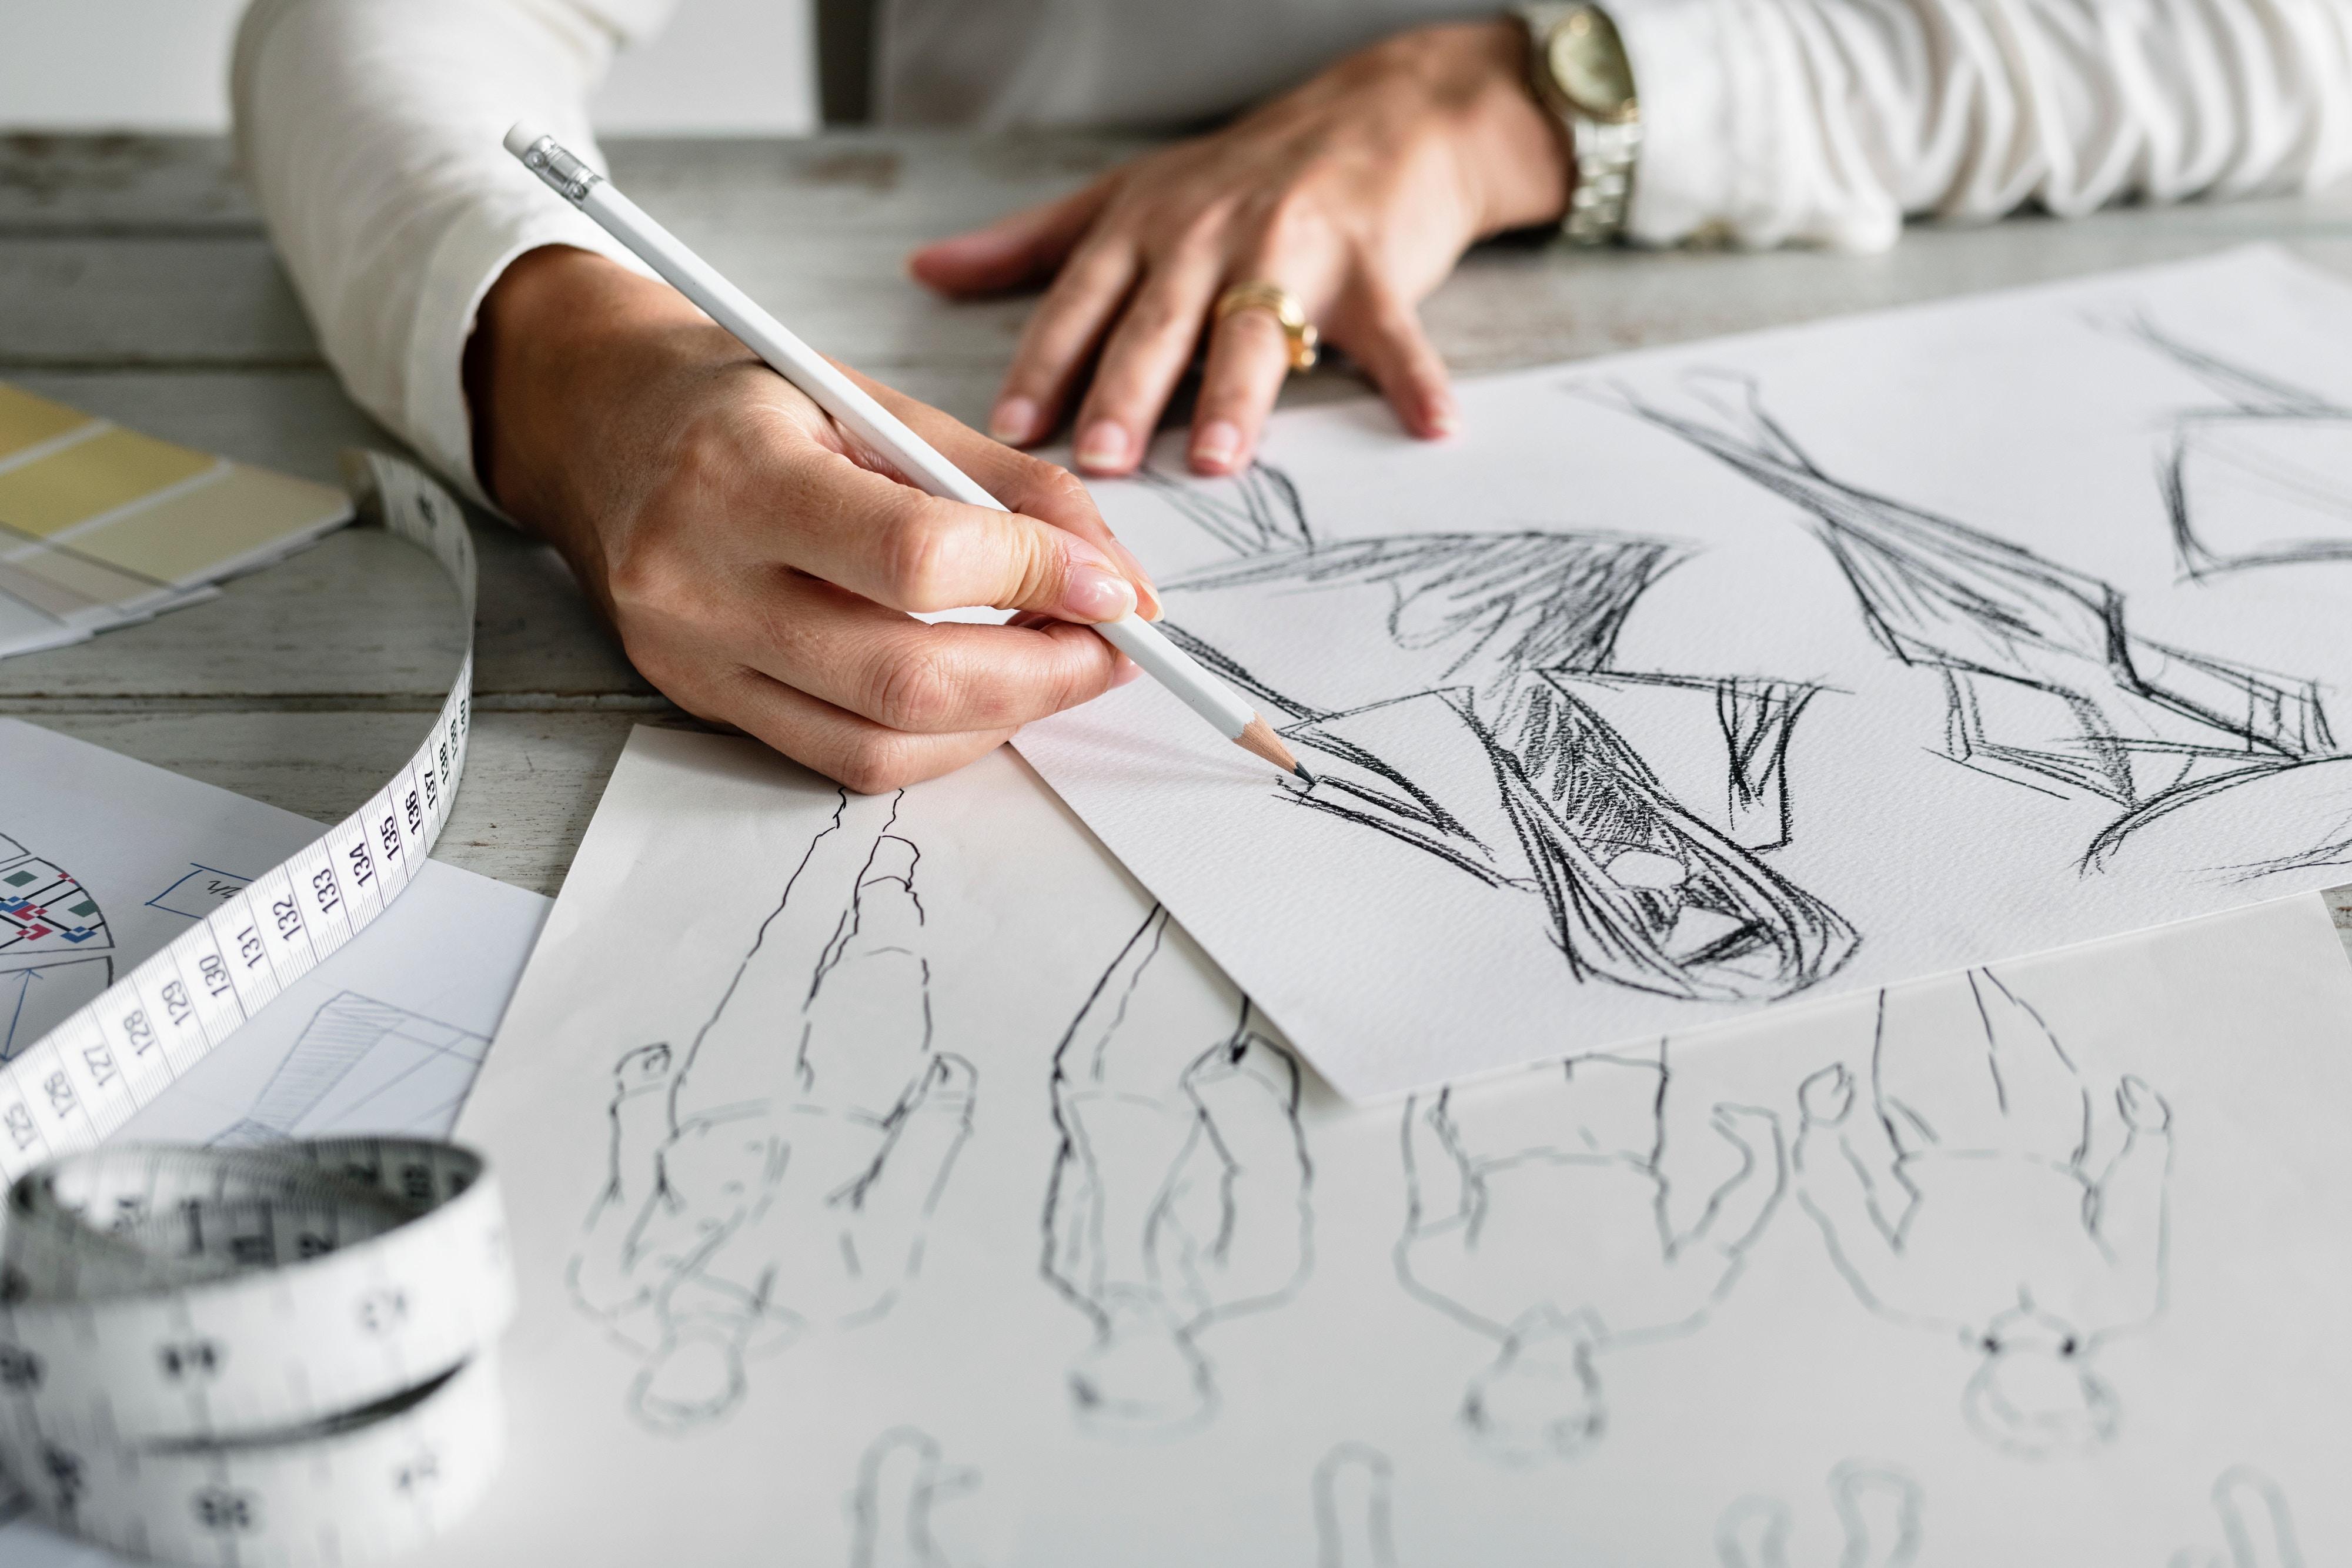 Iemand schetst om beter te leren tekenen